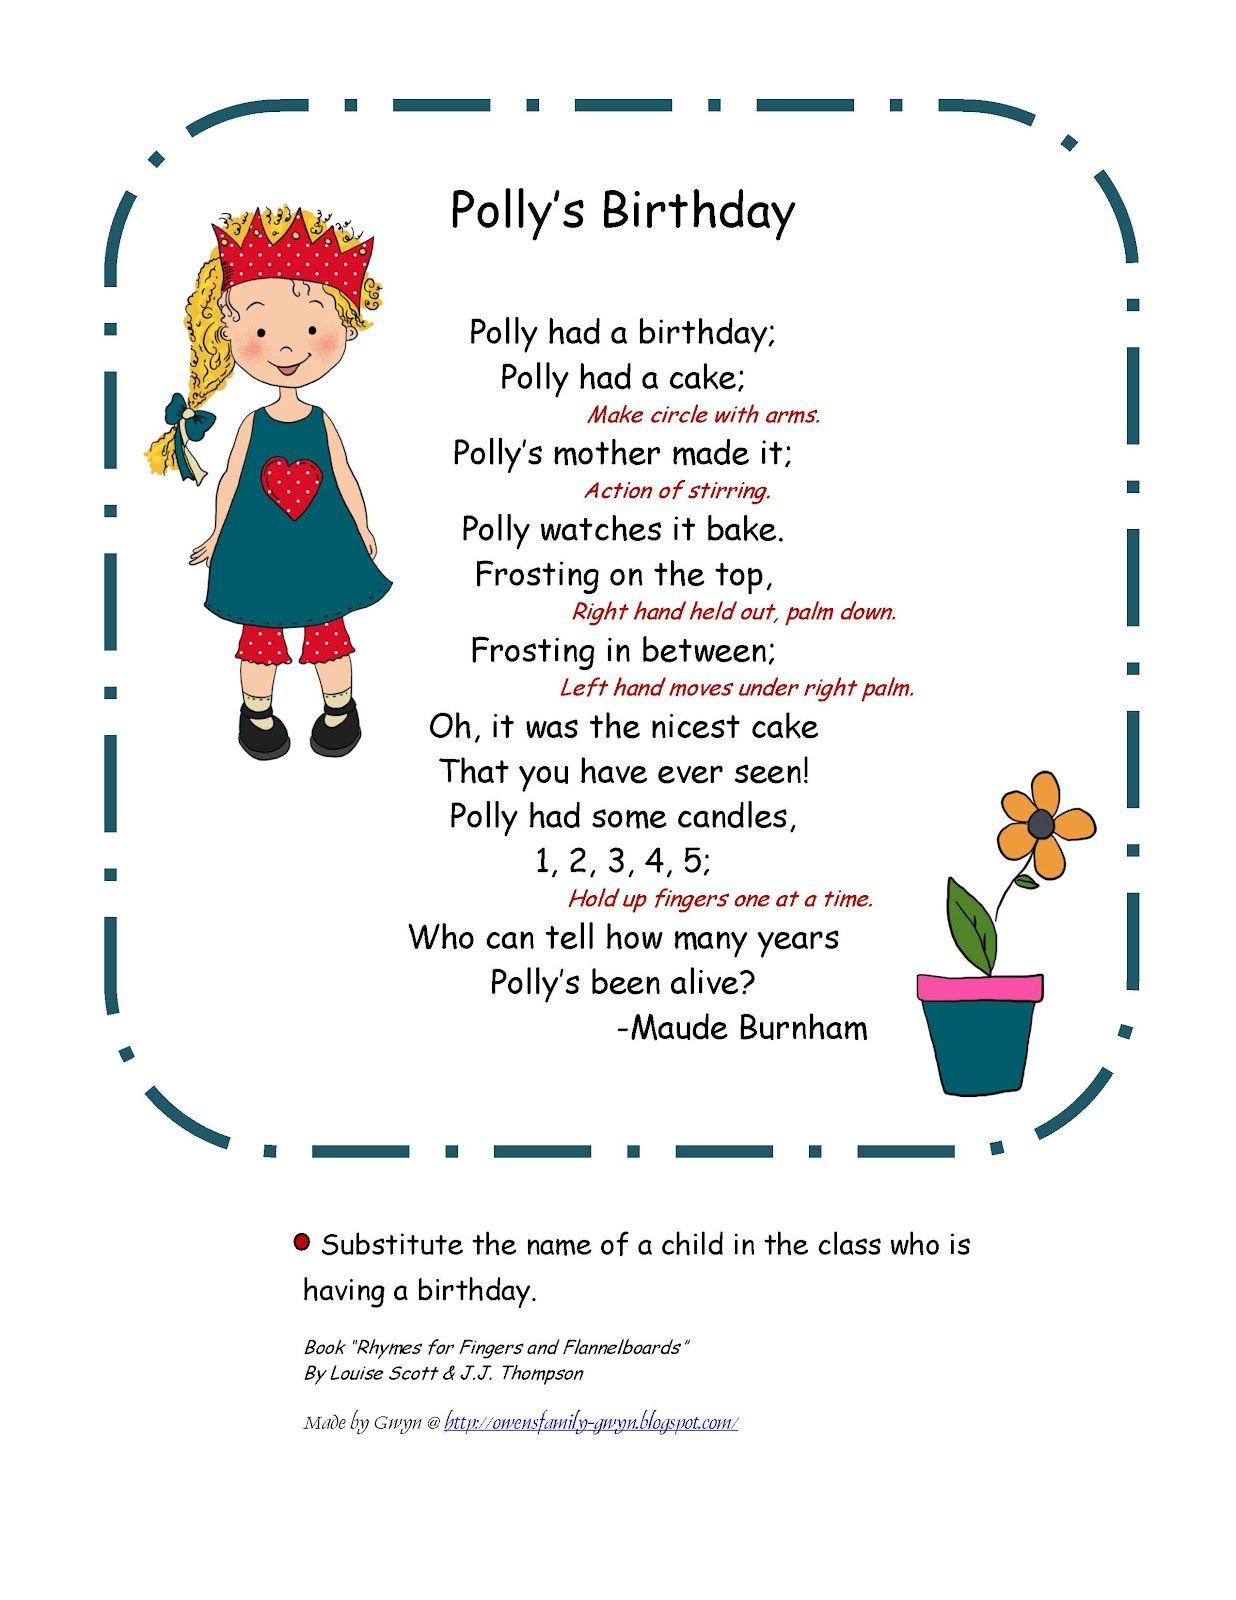 Preschool Printables Polly S Birthday Poem